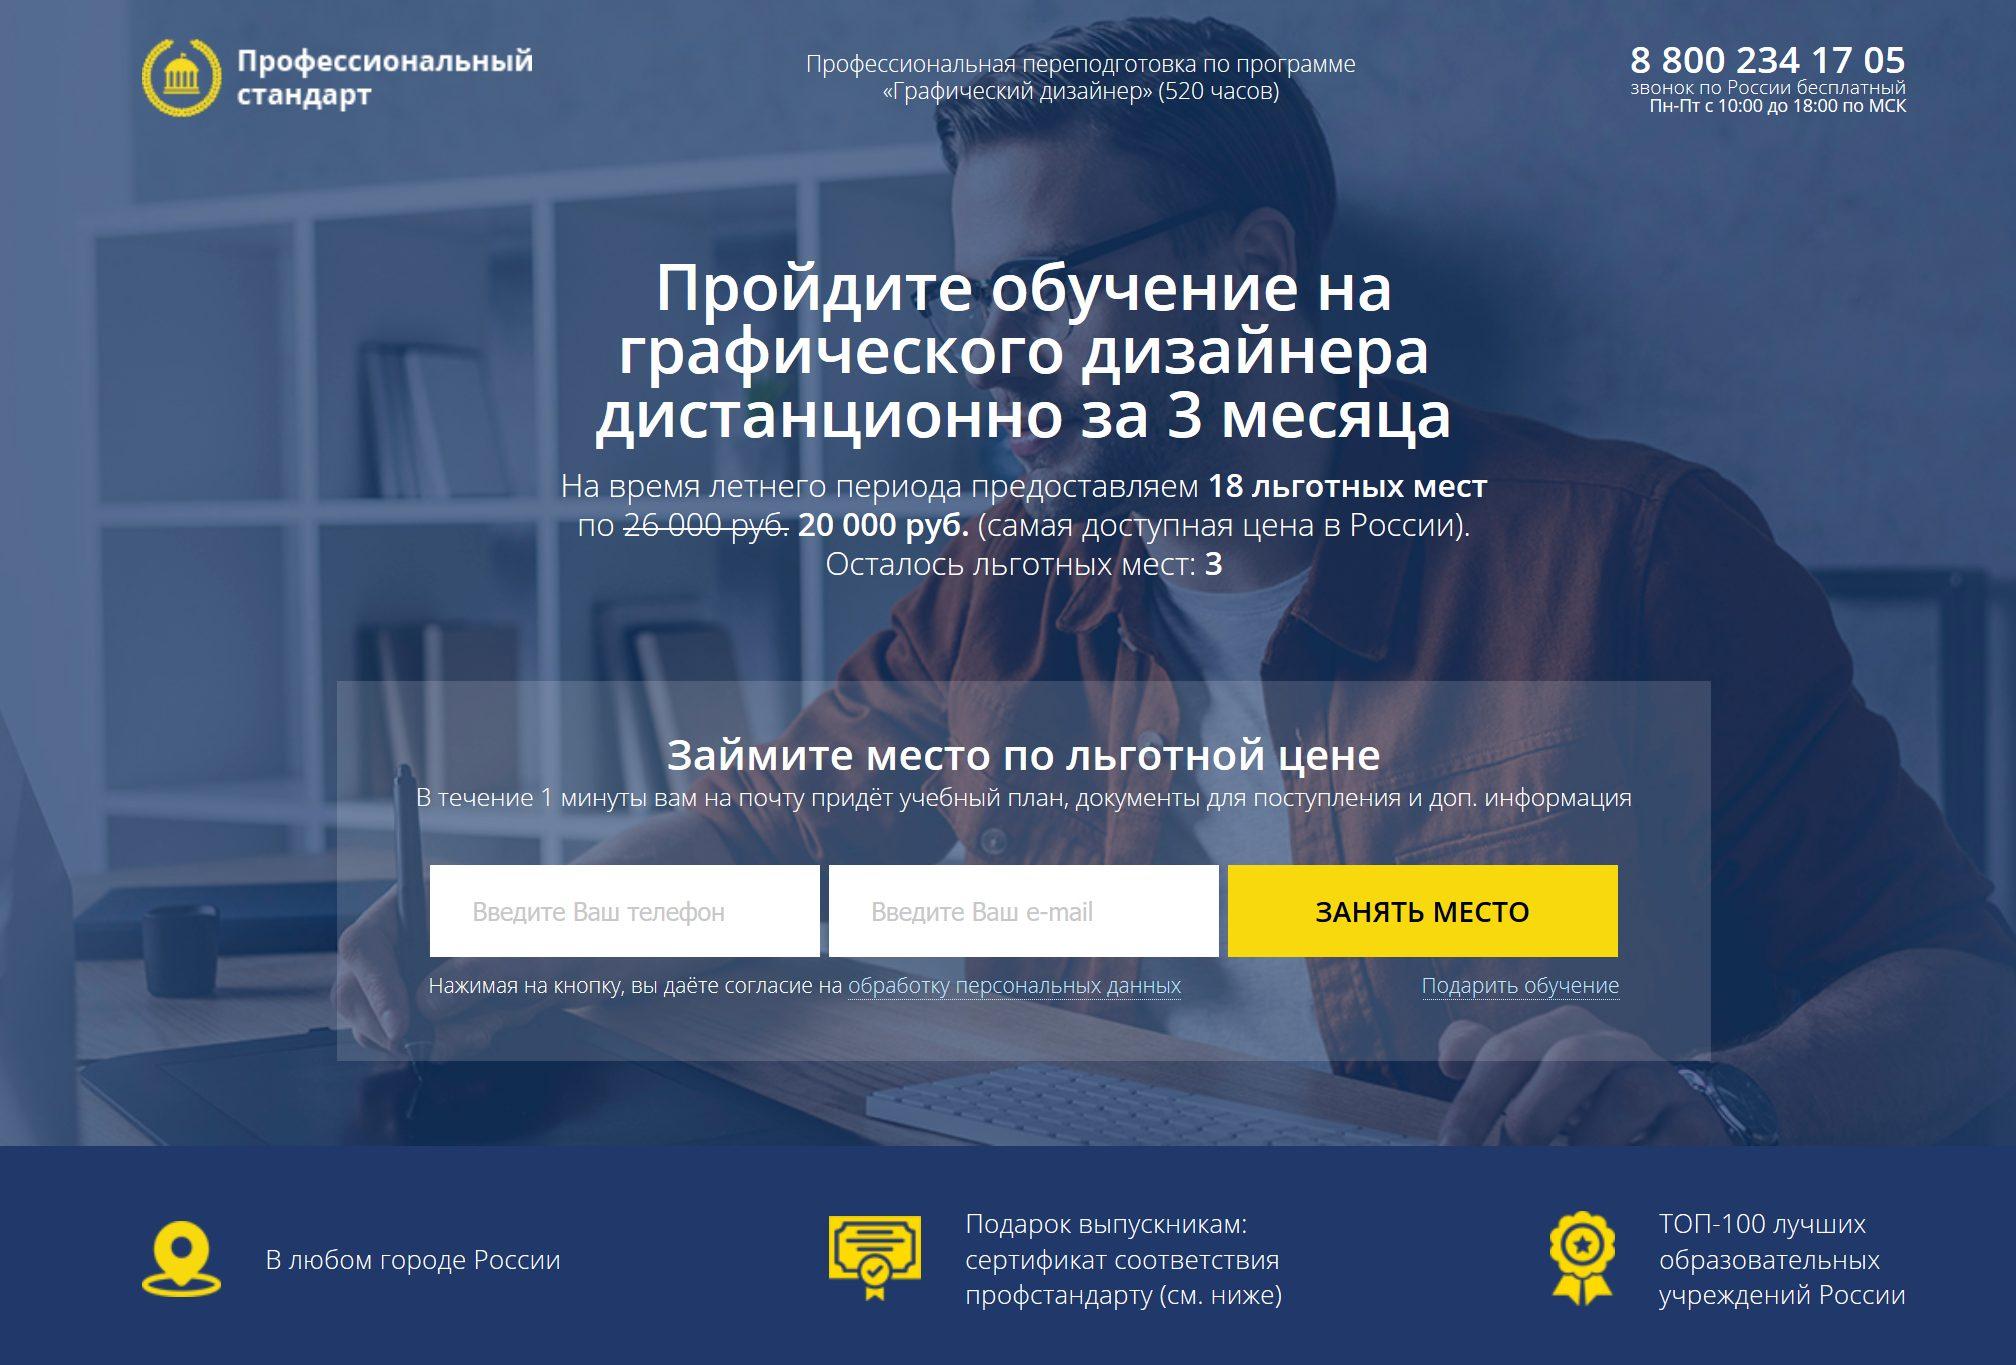 Дистанционное обучение графических дизайнеров - переподготовка и курсы по профессии